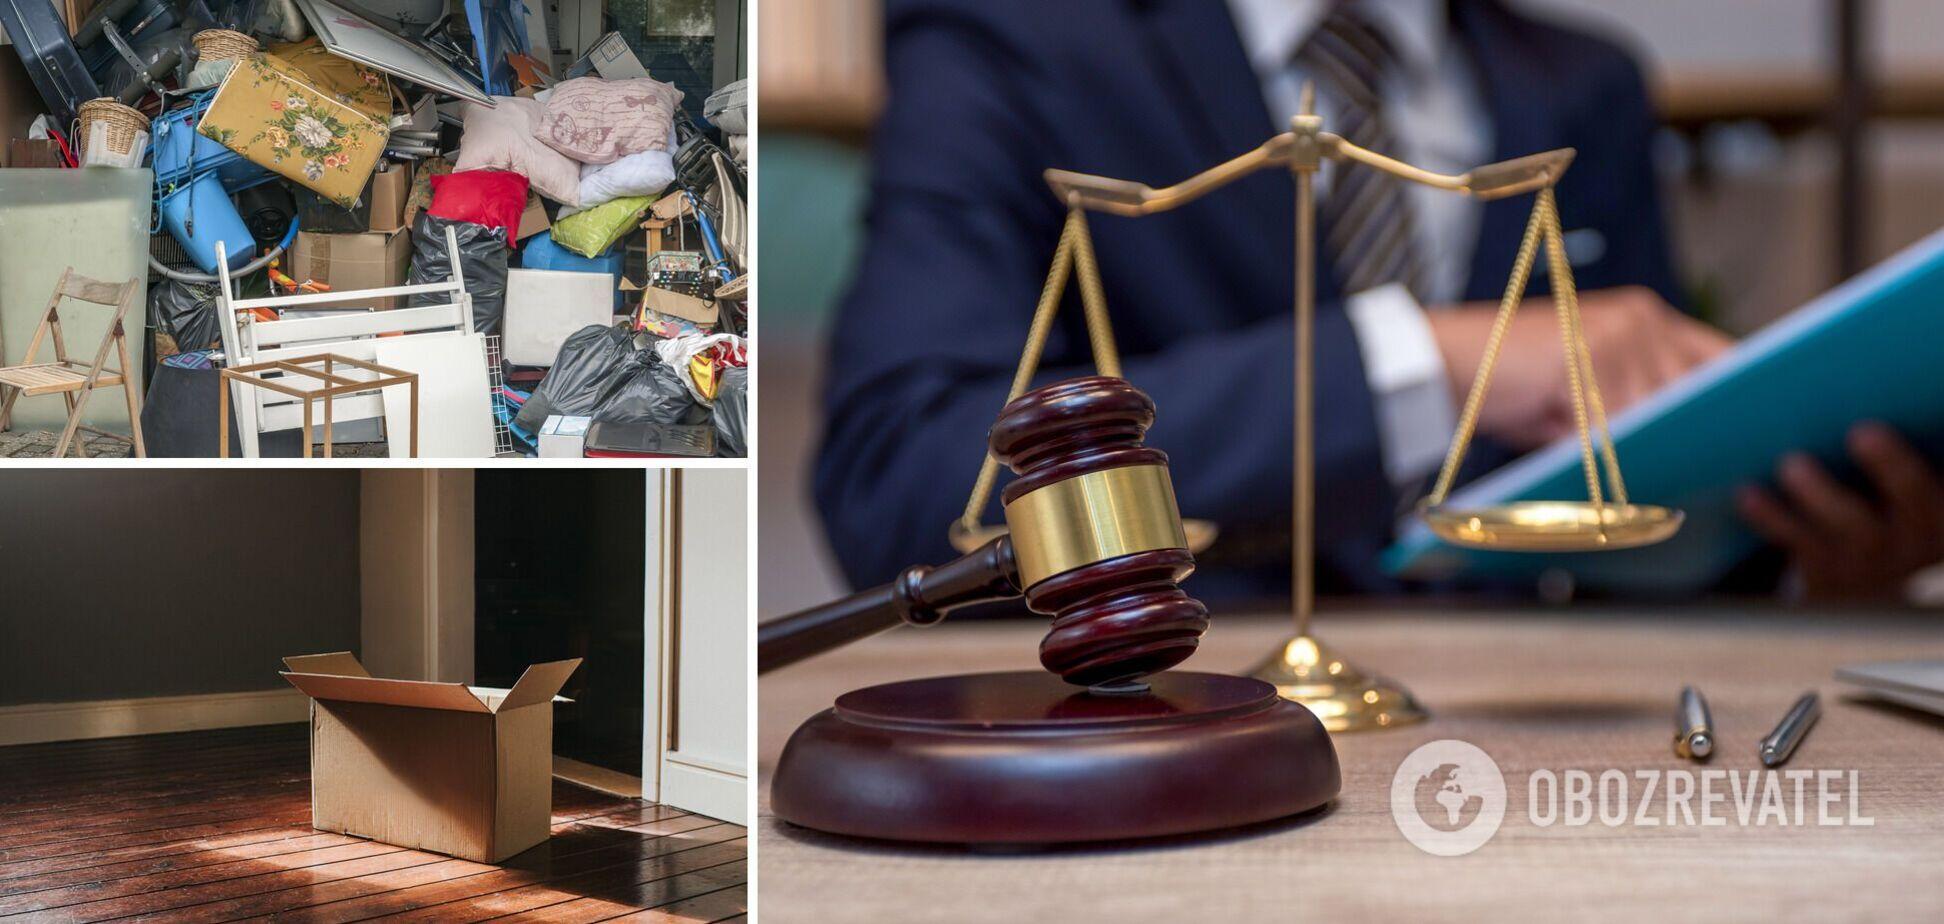 Взуття, відра, дезодоранти: 10 найабсурдніших речей, які забрали в українців за борги. Фото